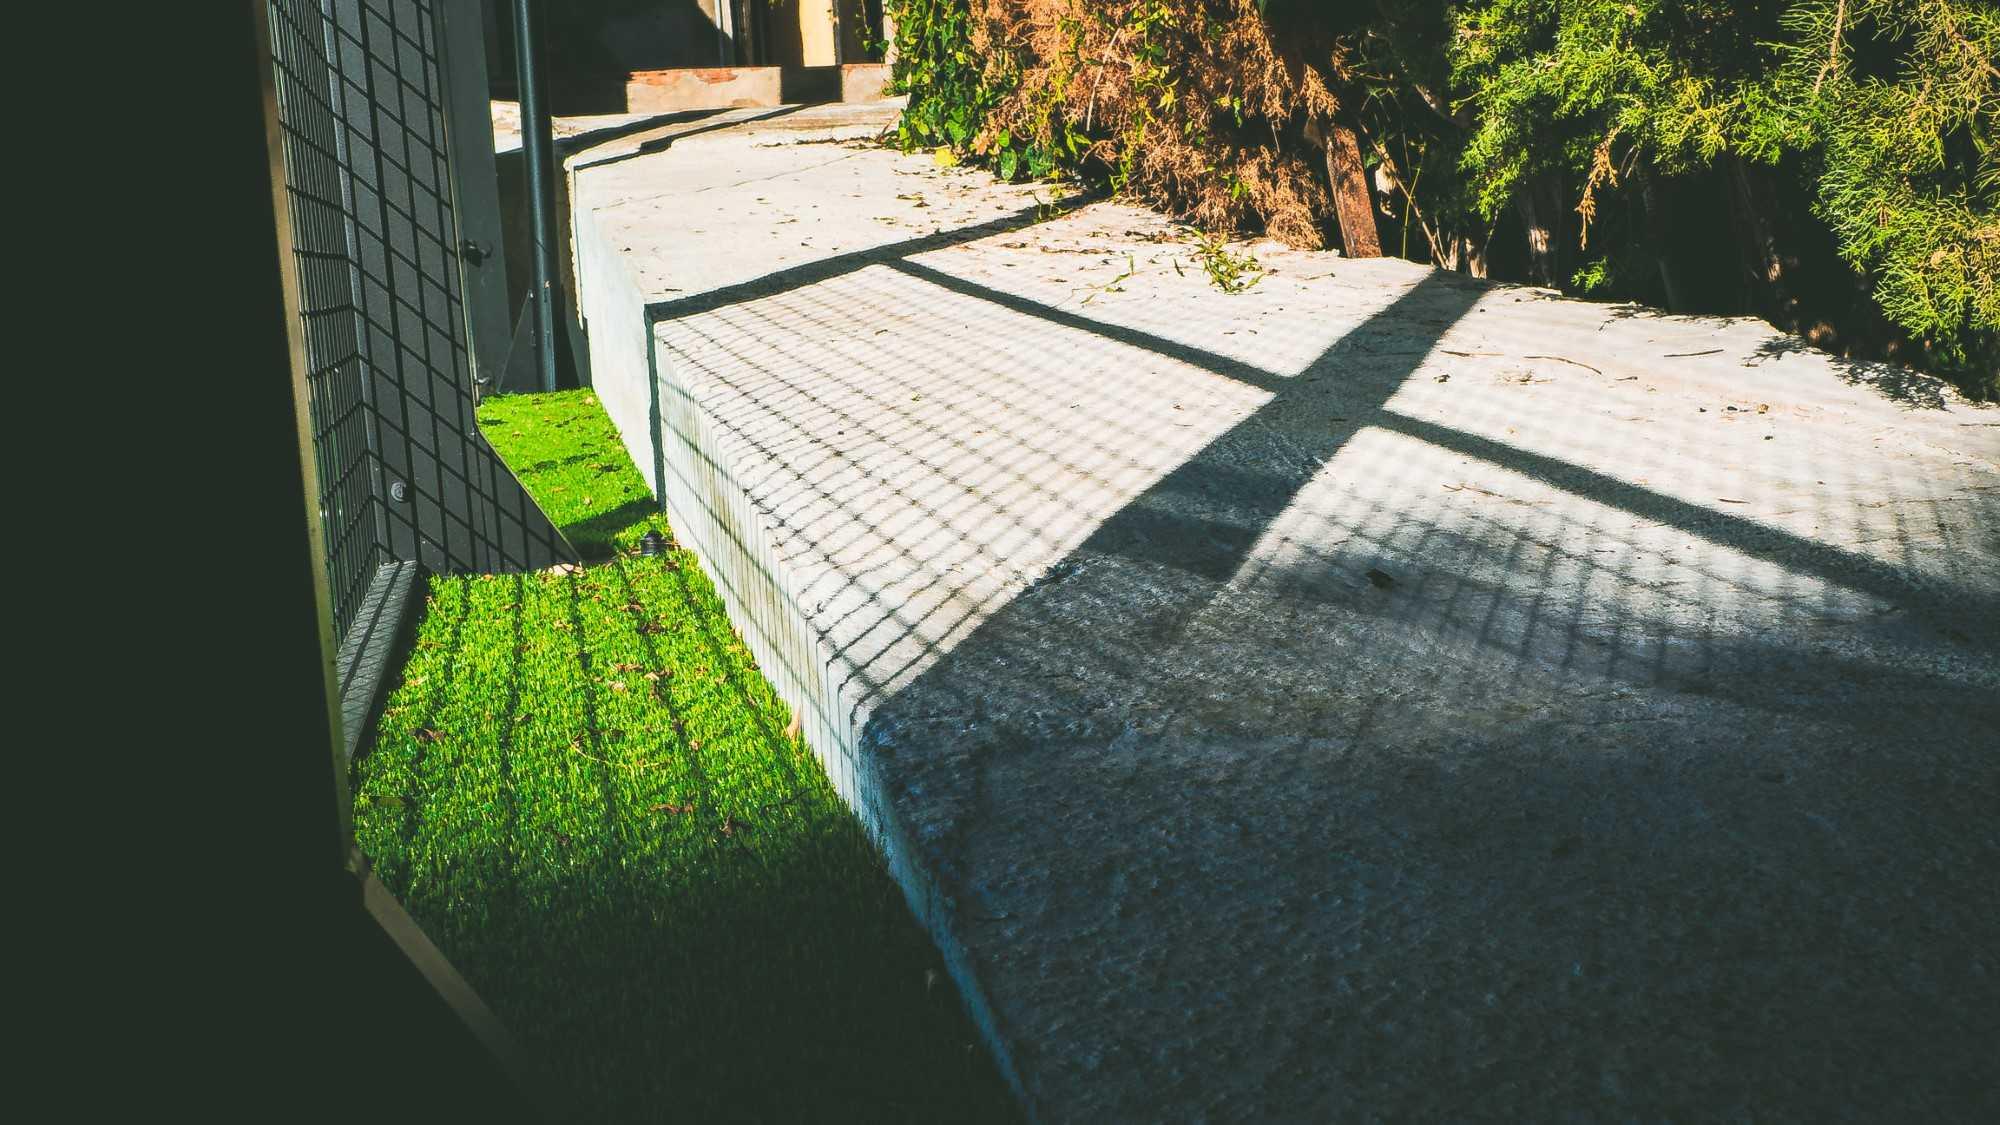 instalar césped artificial - padelnickhortabarcelona 107 - ¿Cómo instalar césped artificial en terreno desnivelado?